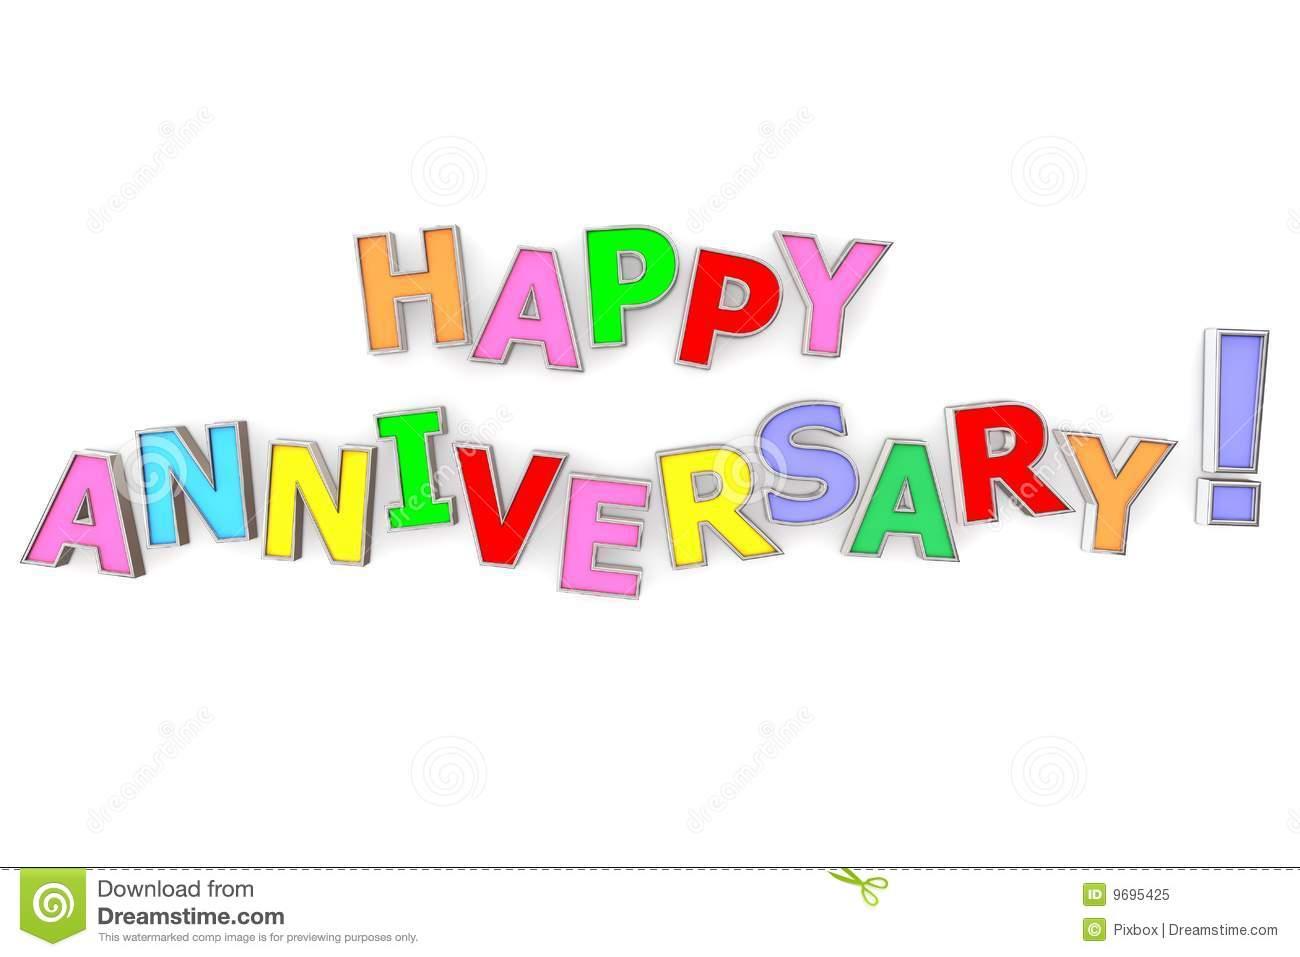 Free happy anniversary clip art clip art stock Colourful Happy Anniversary Royalty Free Stock Photo - Image: 9695425 clip art stock